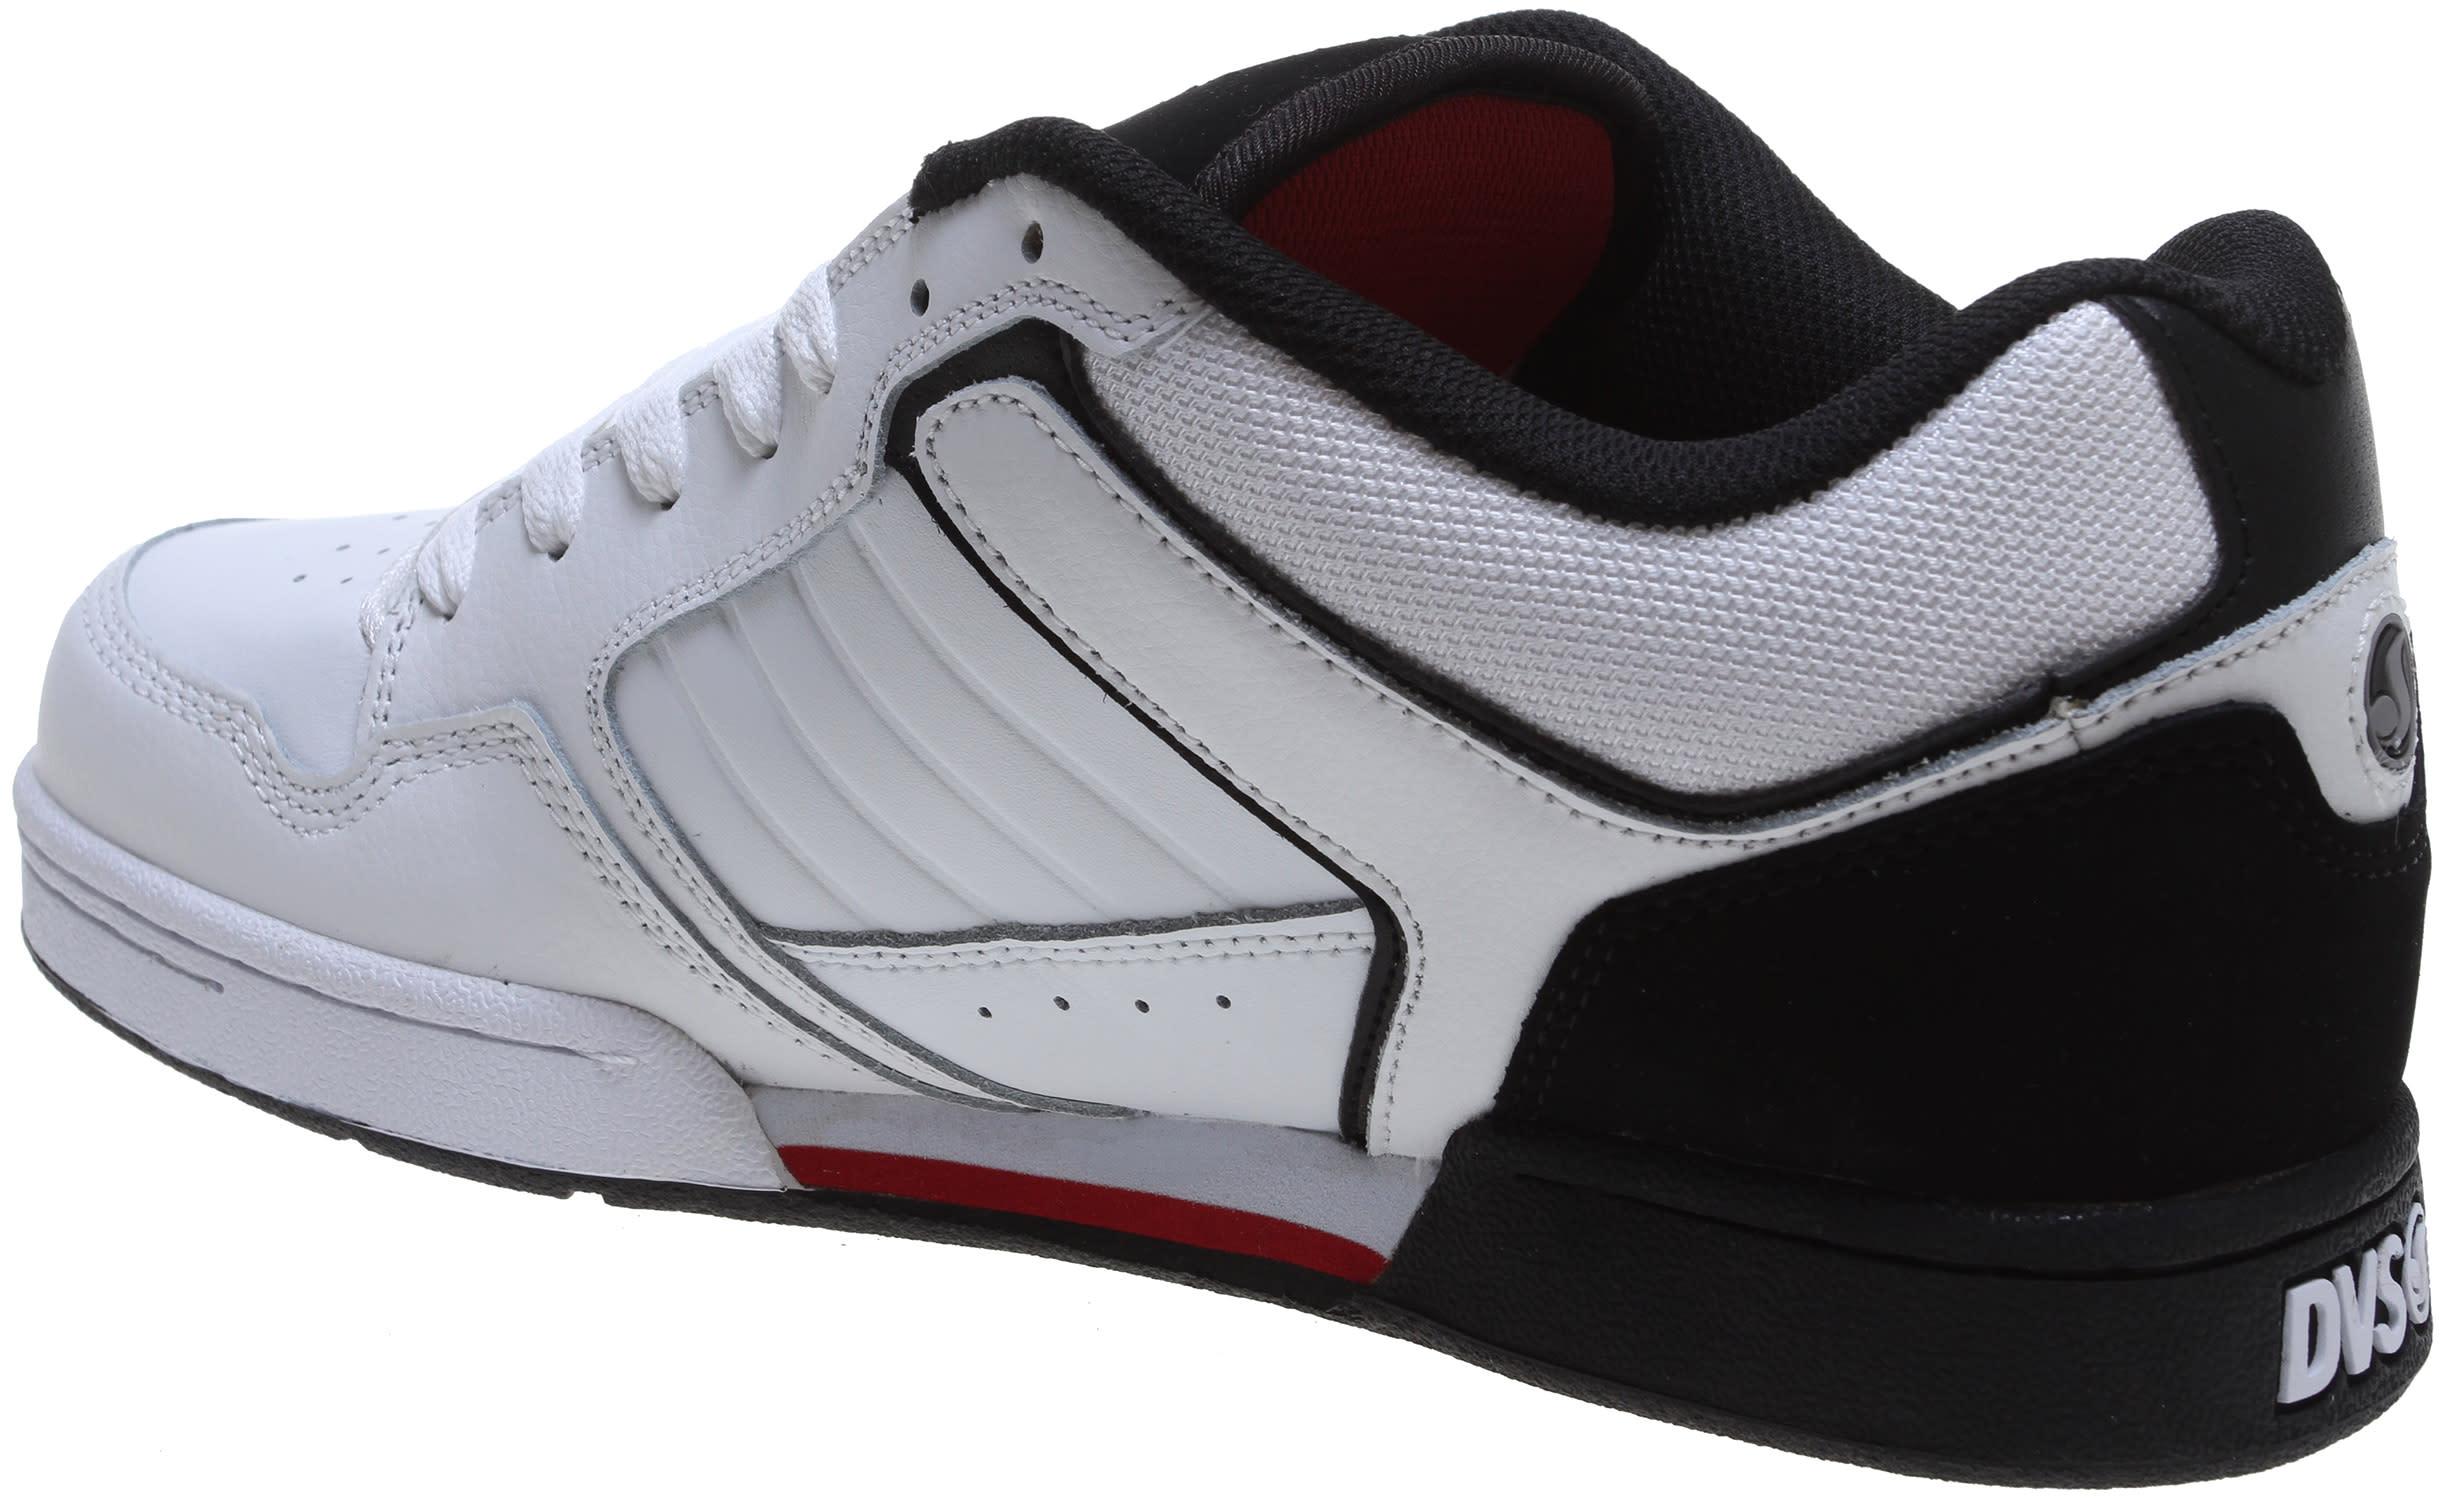 175de954ccc DVS Transom Skate Shoes - thumbnail 3